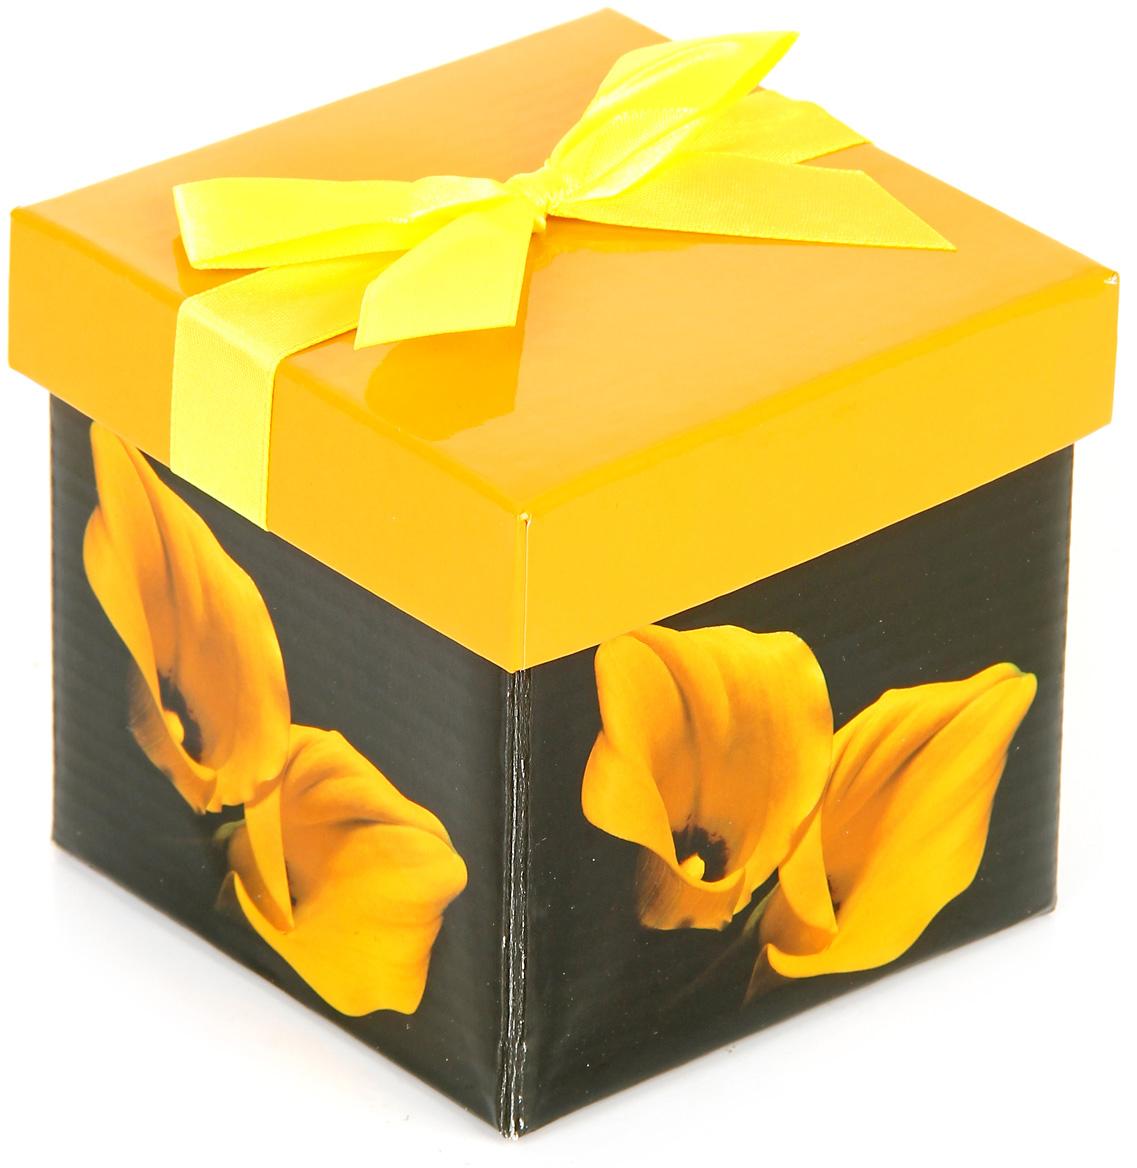 Коробка подарочная Veld-Co Giftbox. Трансформер. Яркость, цвет: черный, 10,3 х 10,3 х 9,8 см59390Подарочная коробка Veld-Co - это наилучшее решение, если выхотите порадовать ваших близких и создать праздничное настроение, ведь подарок, преподнесенный в оригинальной упаковке, всегда будет самым эффектным и запоминающимся. Окружите близких людей вниманием и заботой, вручив презент в нарядном, праздничном оформлении.